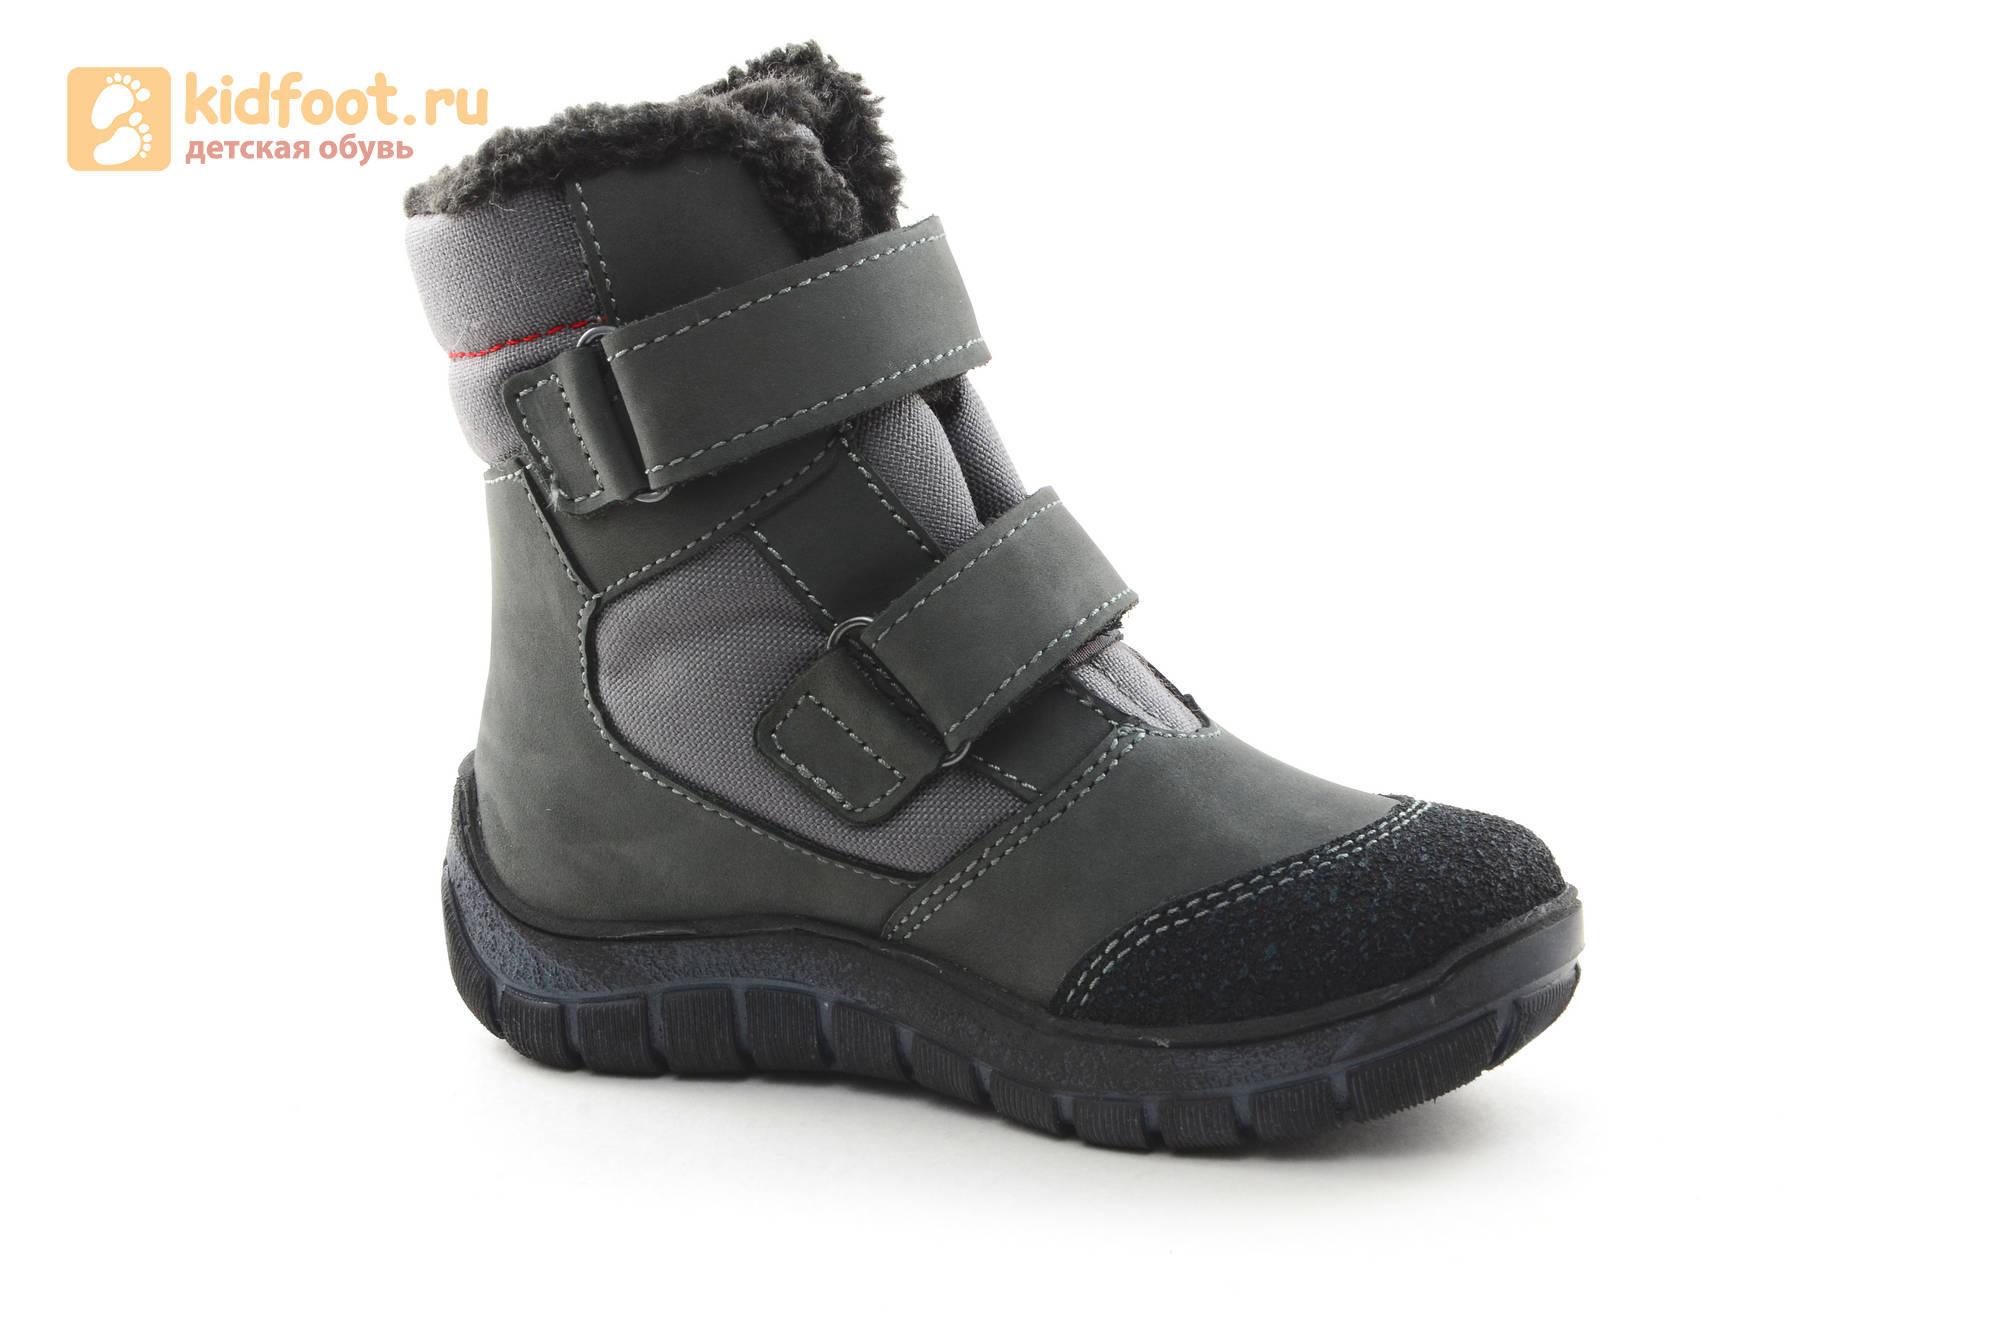 Зимние ботинки для мальчиков из натуральной кожи на меху Лель на липучках, цвет серый